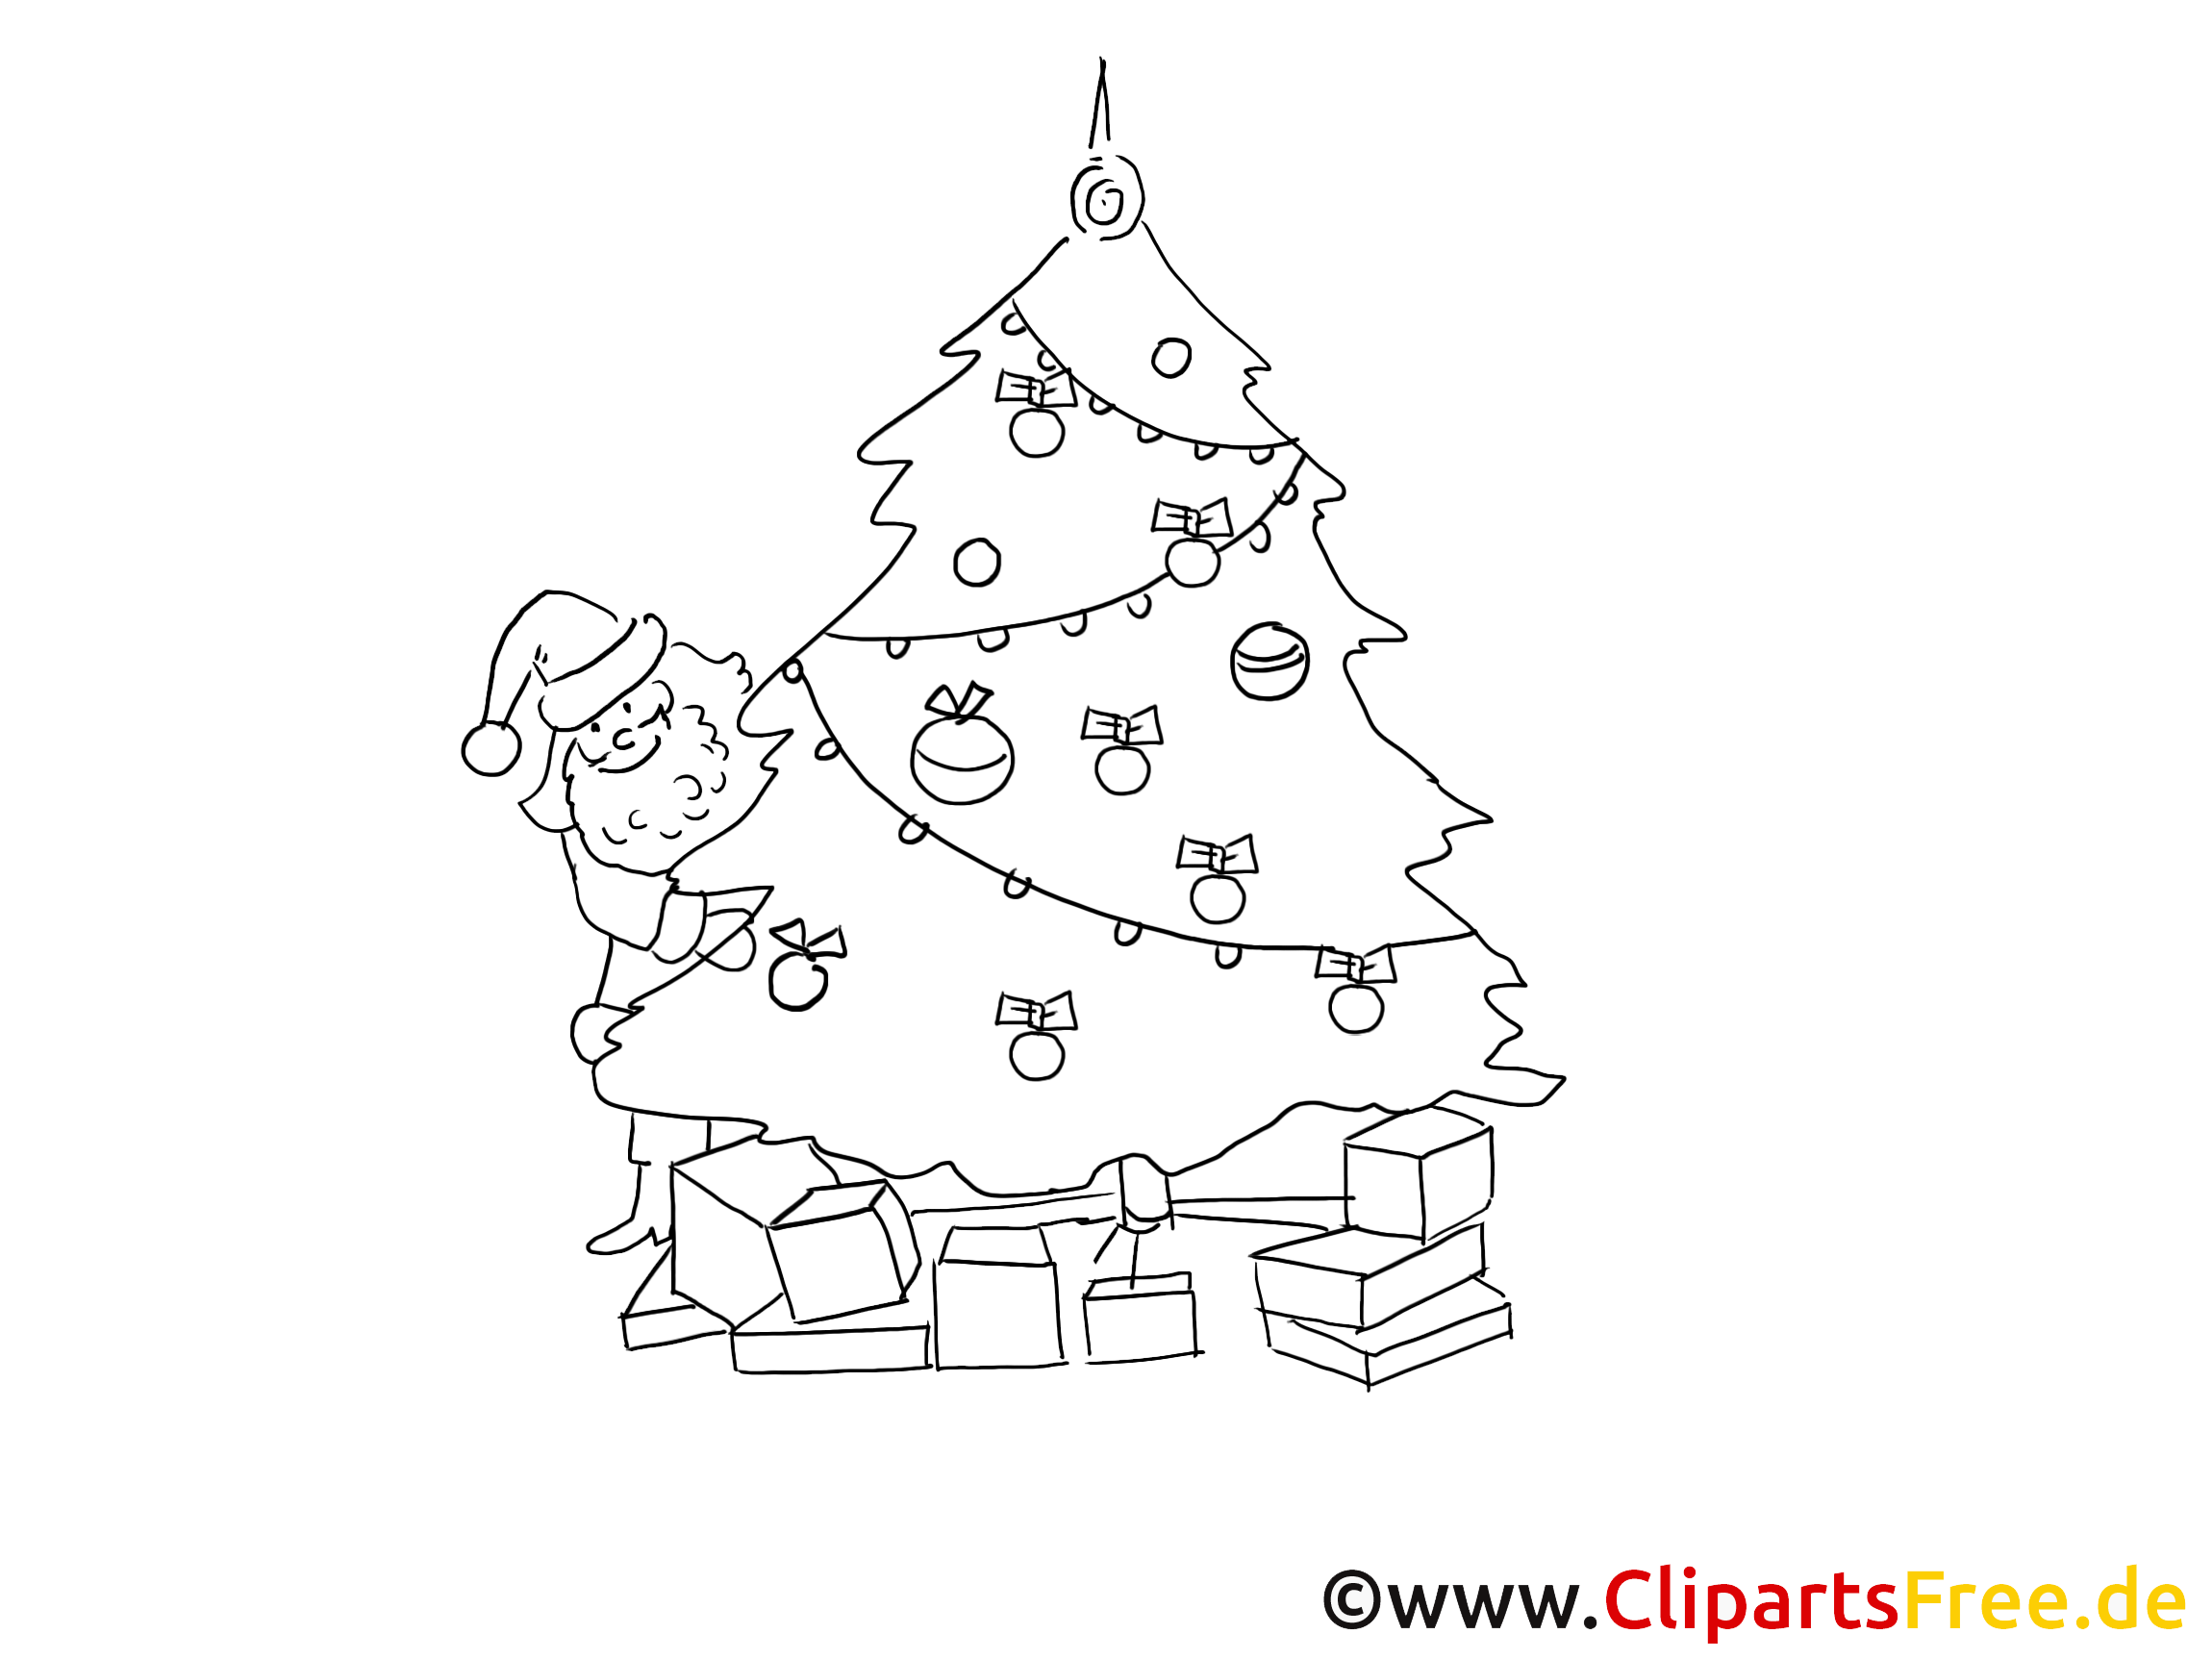 Clipart Schwarz Weiss zu Weihnachten